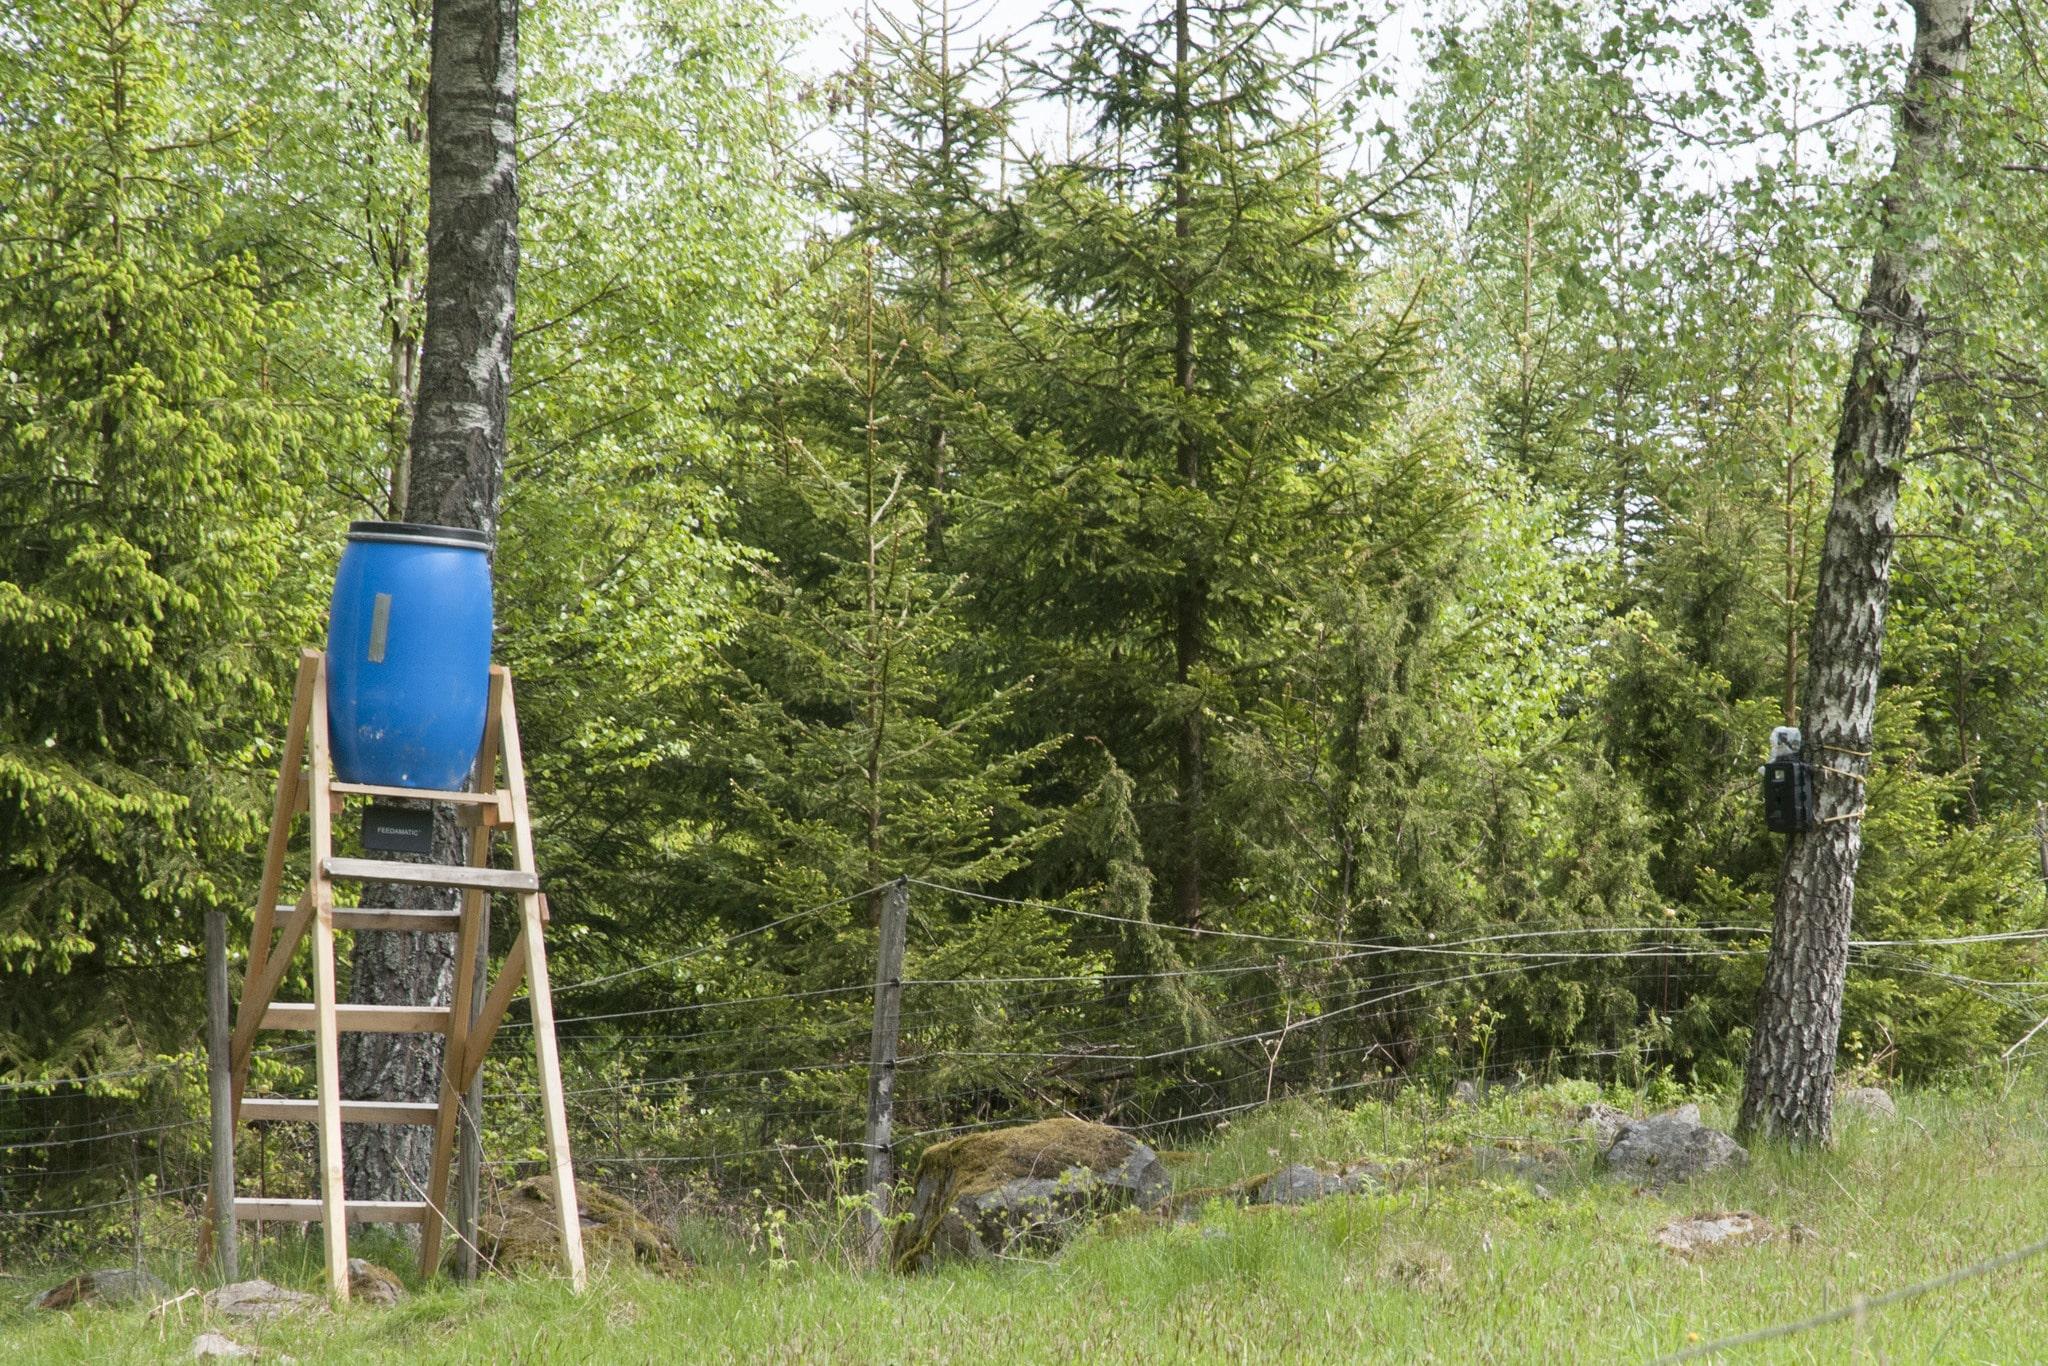 En viltövervakningskamera som här vid en åtel för vildsvin skadar ingen. Bejaka den nya tekniken istället för att motverka den, uppmanar debattören lagstiftarna. Foto: Jan Henricson